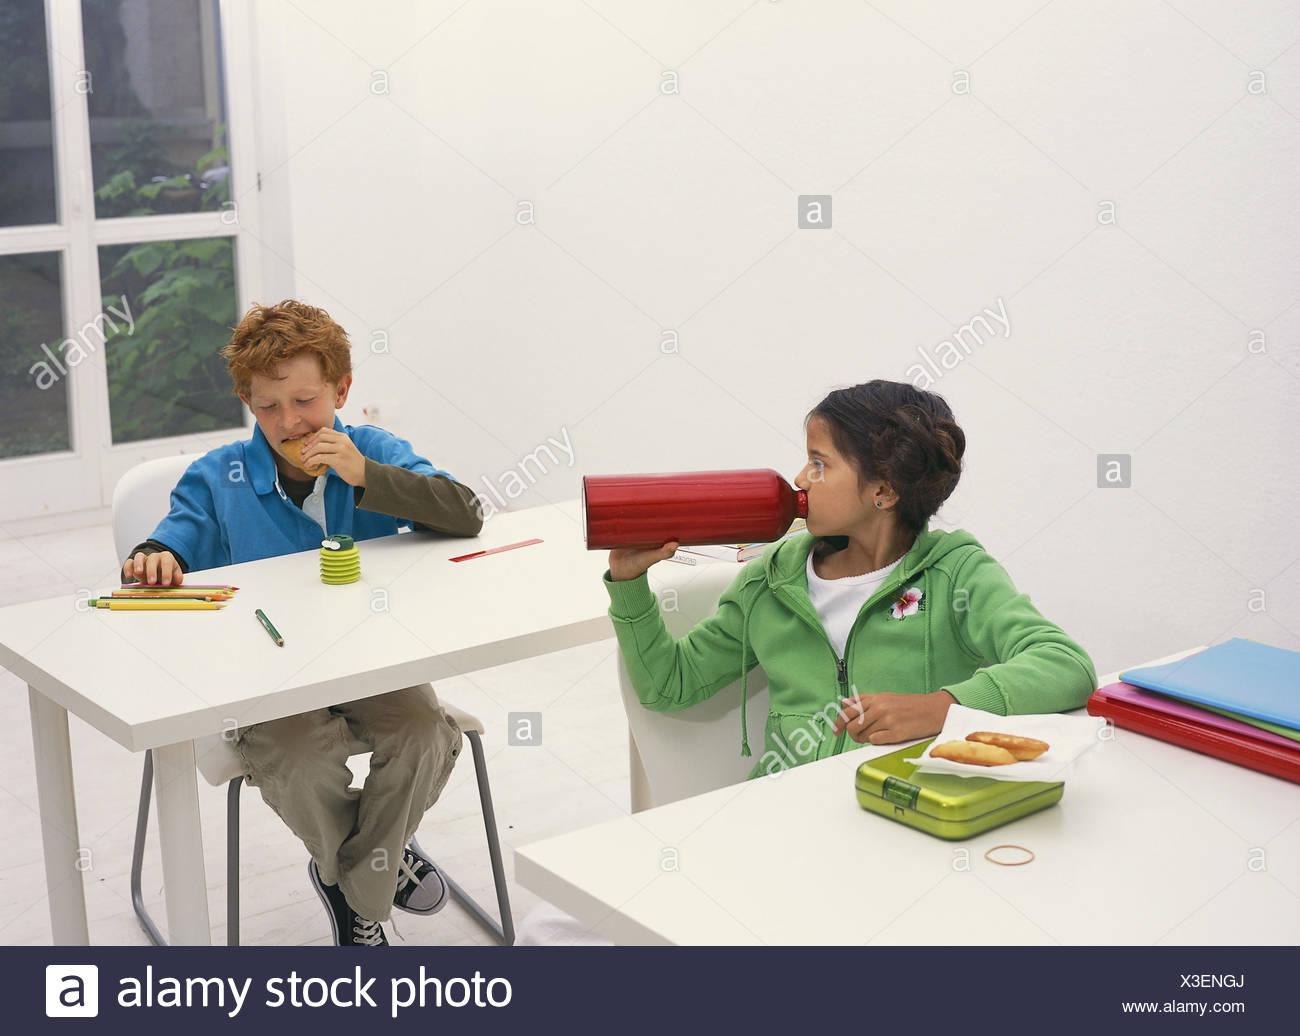 Klassenzimmer, Pause, Schuljunge, Essen, trinken, Schule, Schulbänke, Schulferien, Unterricht, Pause, Person, Kinder, zwei, junge, Mädchen, Schülerinnen und Schüler, Grundschulkinder, Schule, Freunde, Freunde, Hunger, Durst, Trinkflasche, Pause-Brot, Notizbücher, Stifte, Sit, Zeit leben, Schulzeit, Schulpflicht, innen, Stockbild